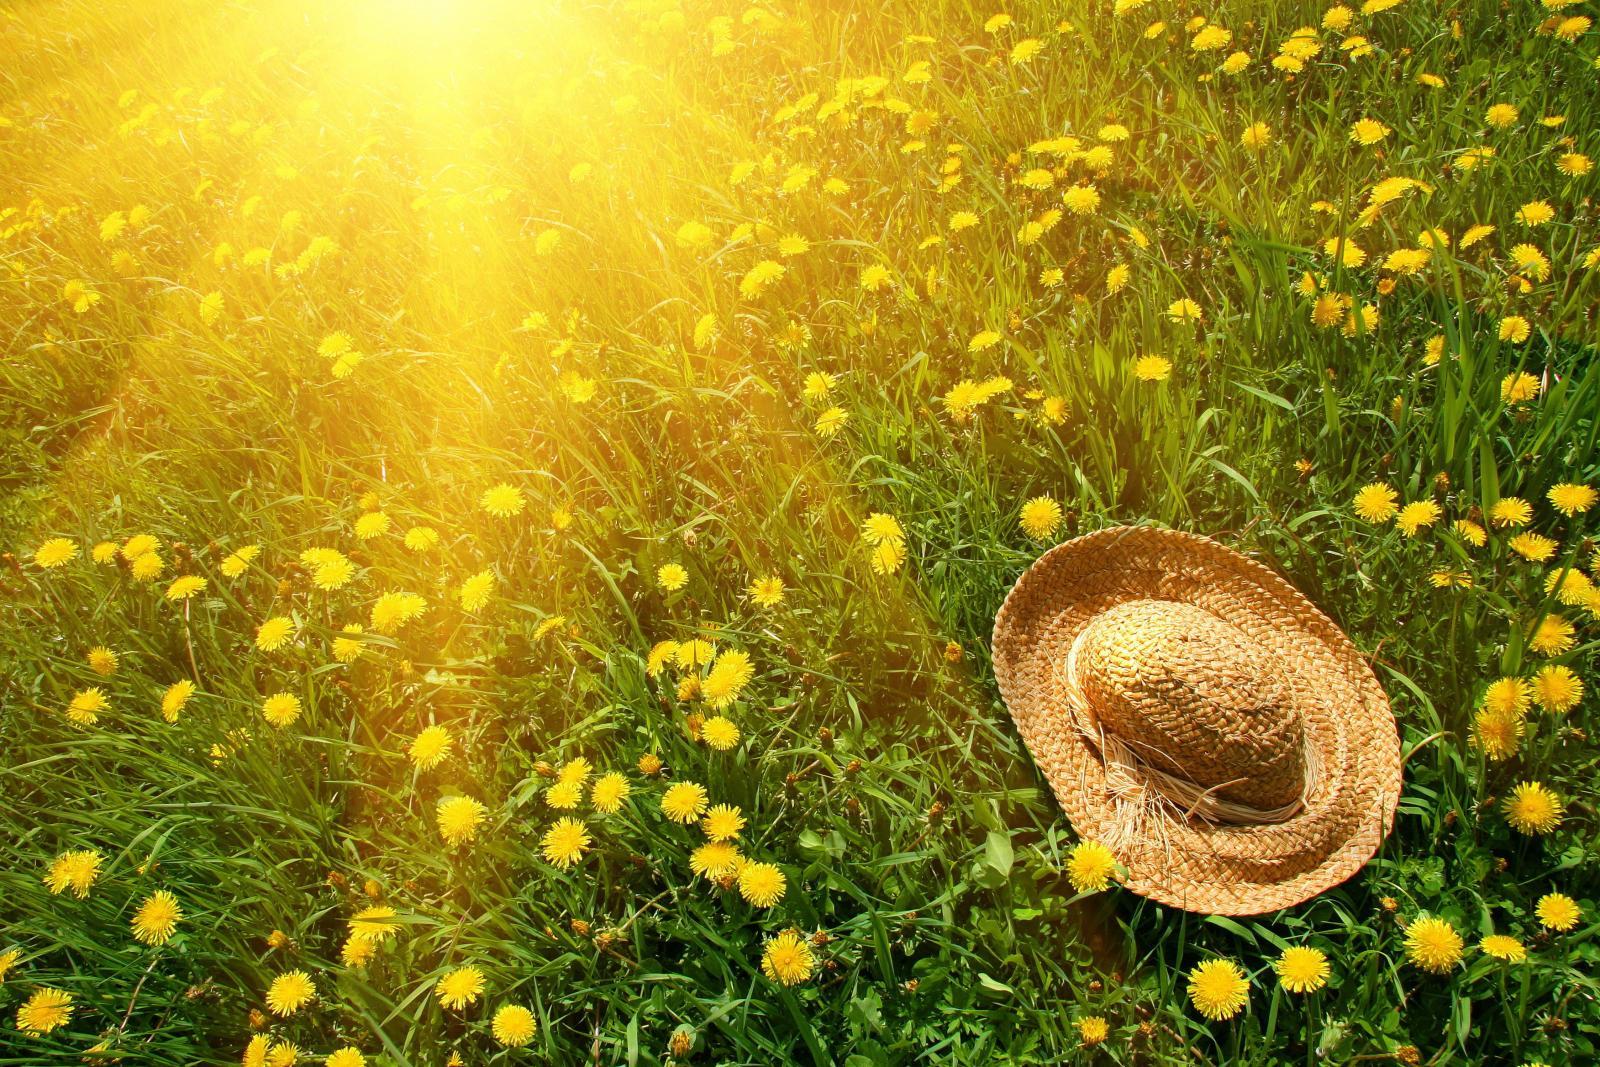 Завтра в Брянске ожидается +26ºC